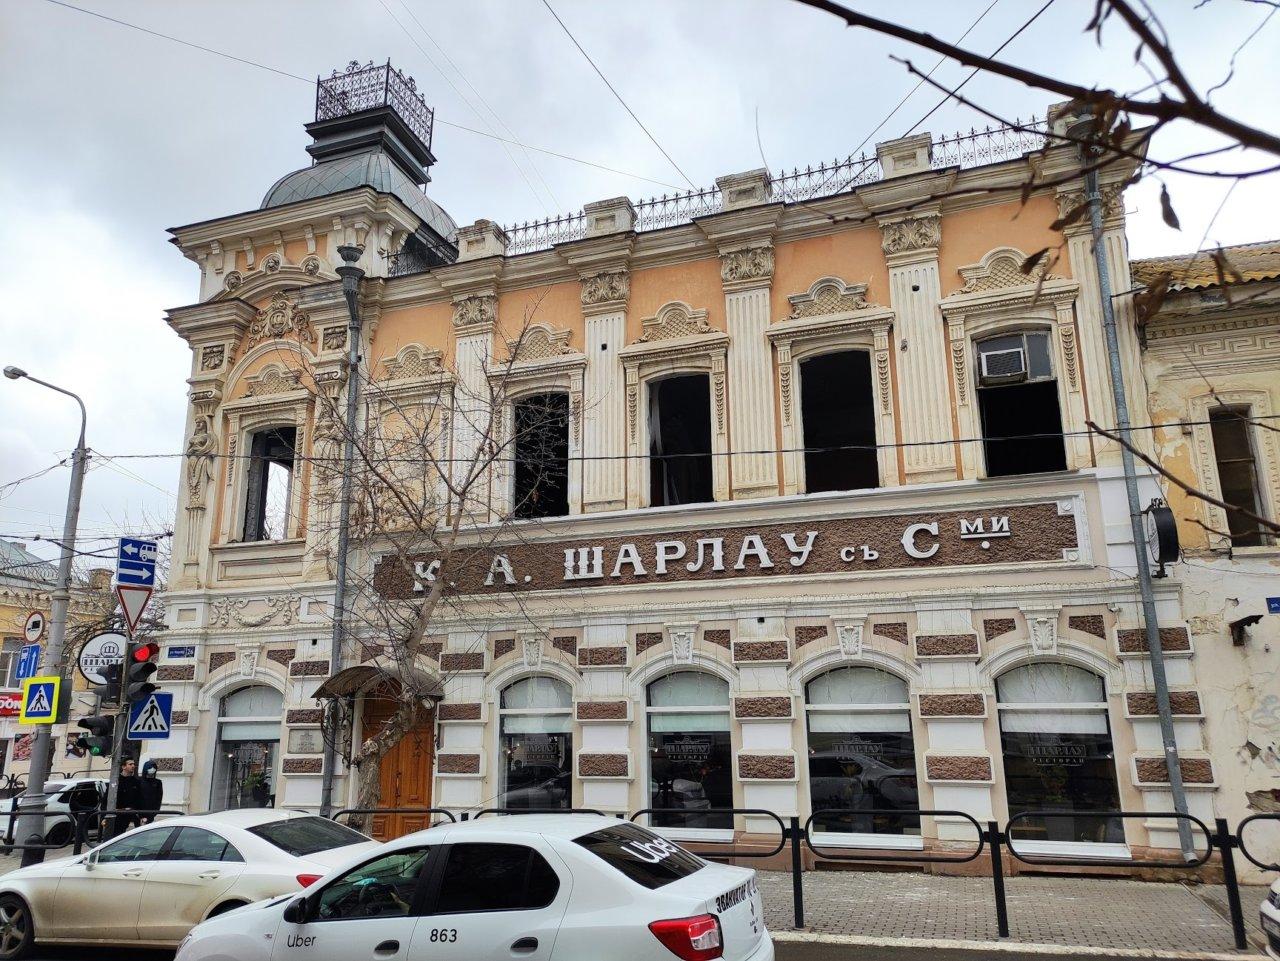 Астраханские урбанисты переживают за внешний вид здания «Шарлау»